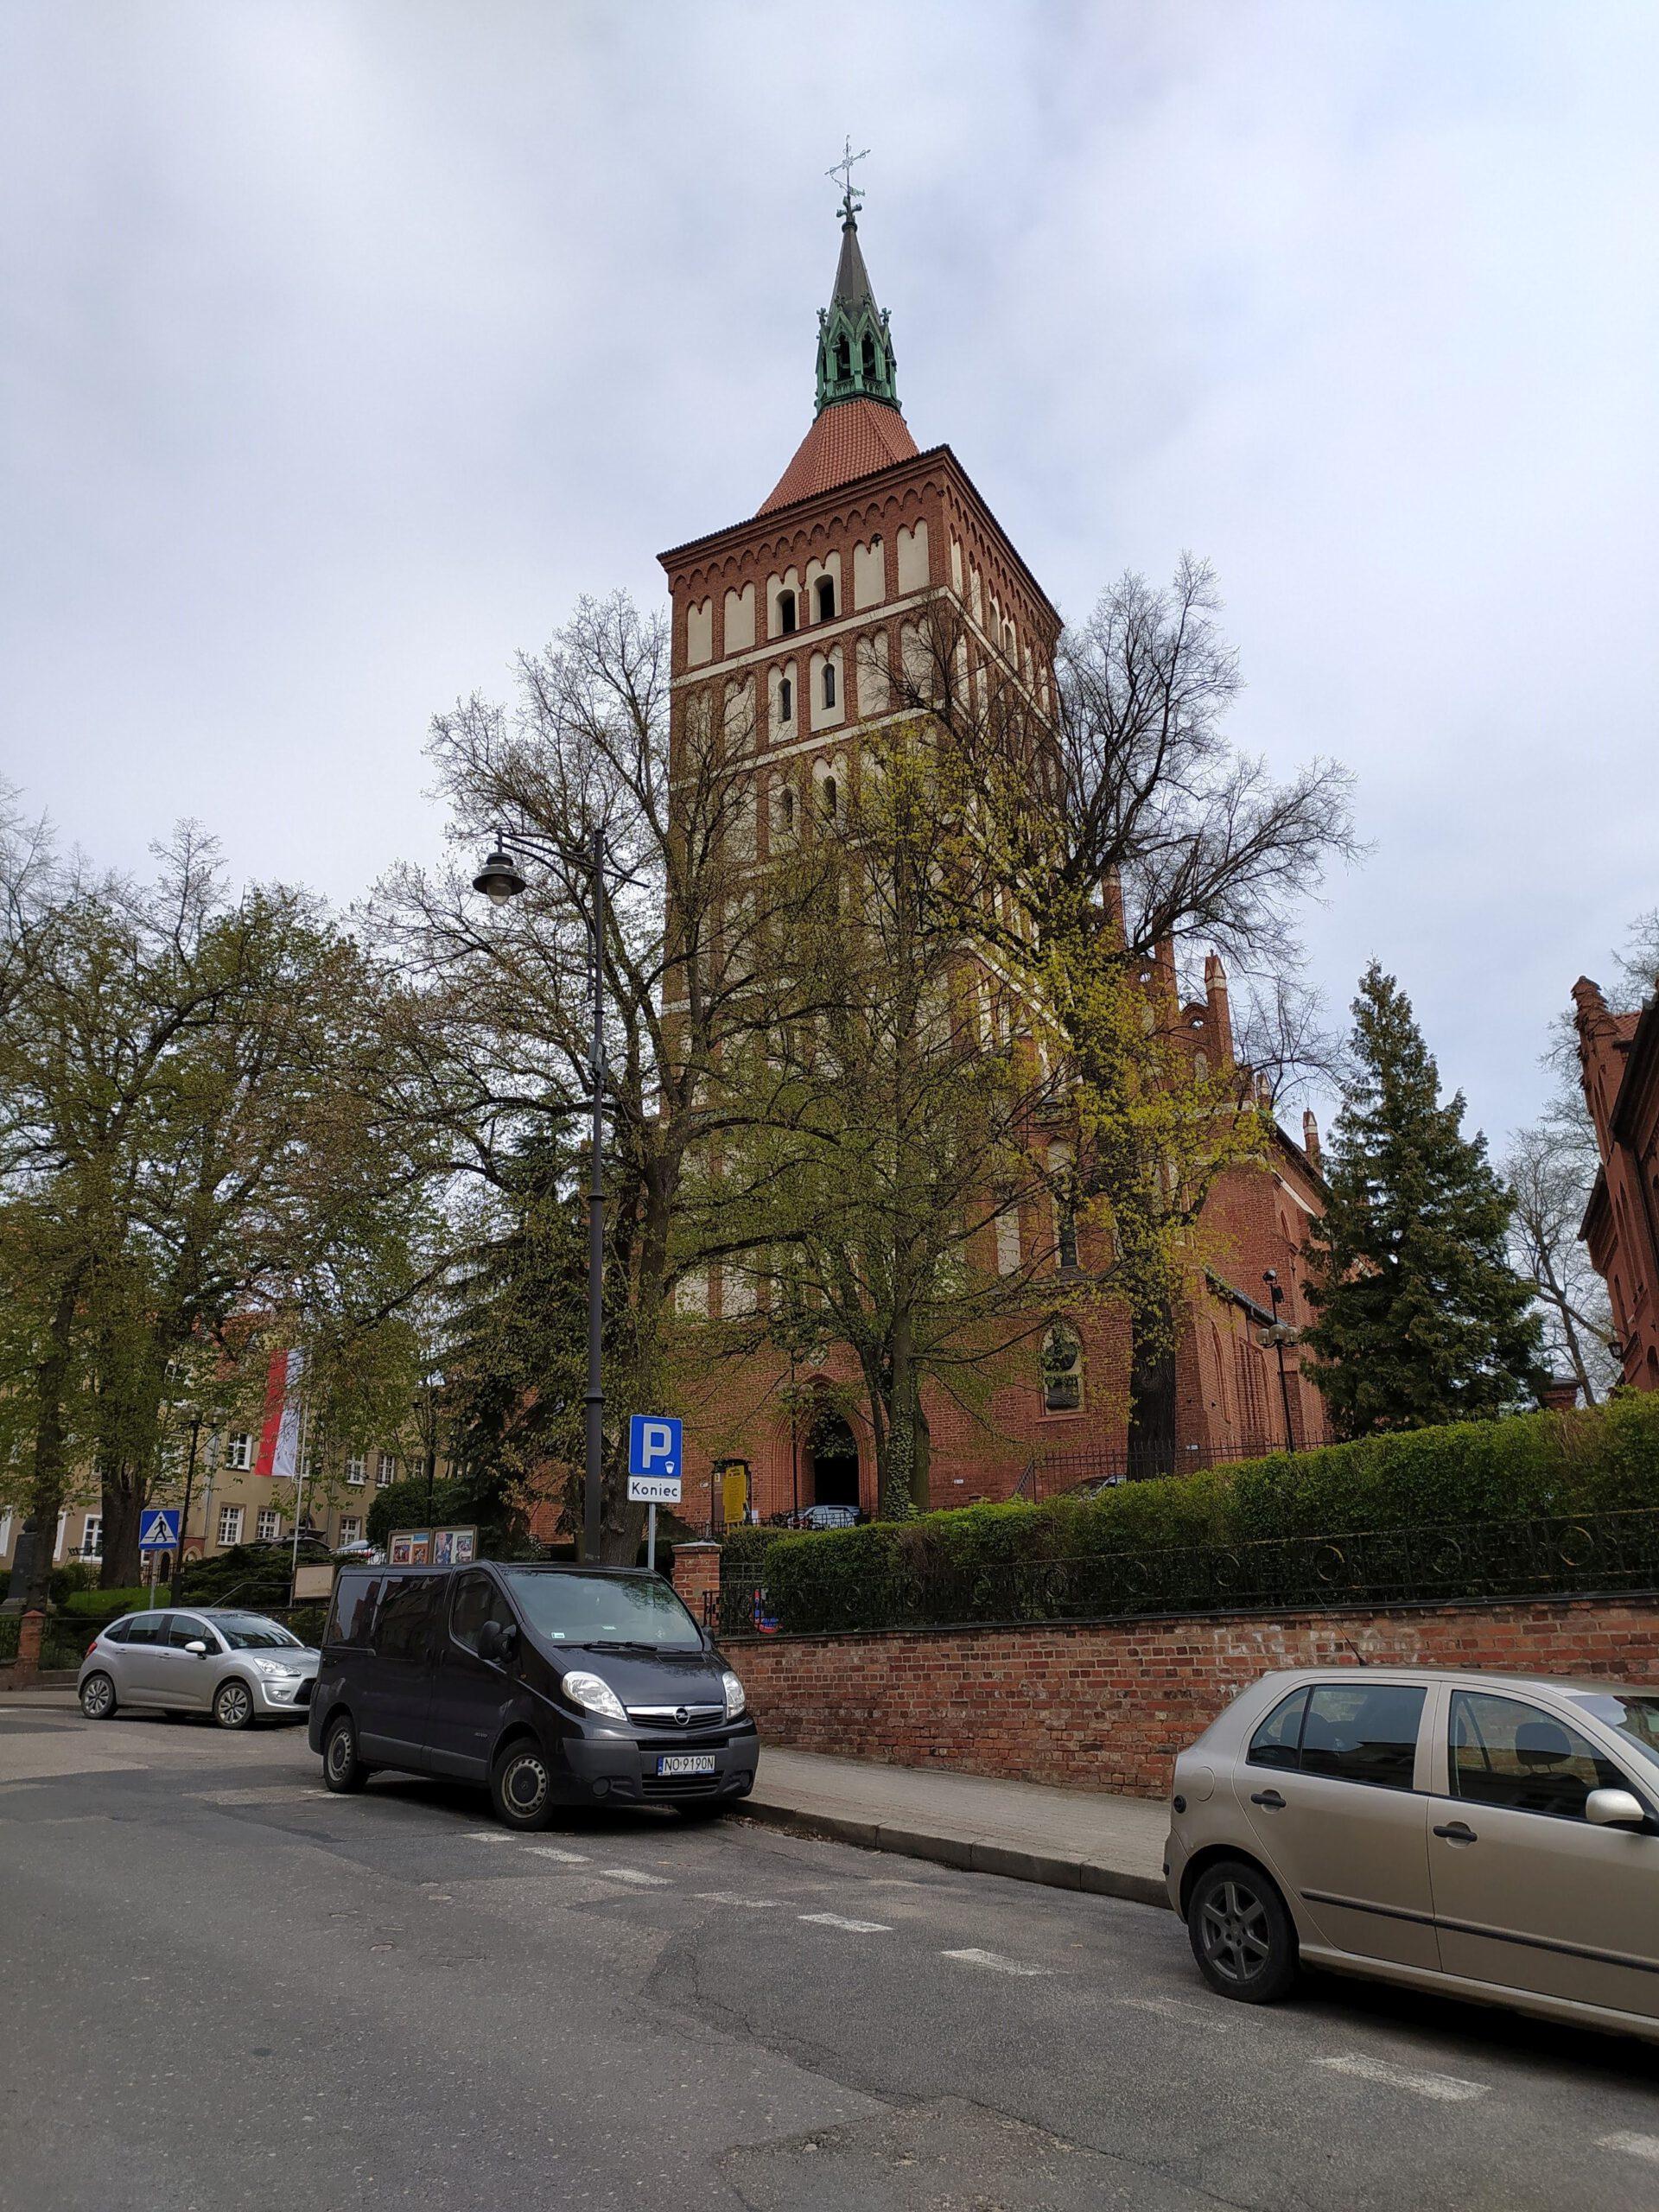 Katedra Św. Jakuba w Olsztynie